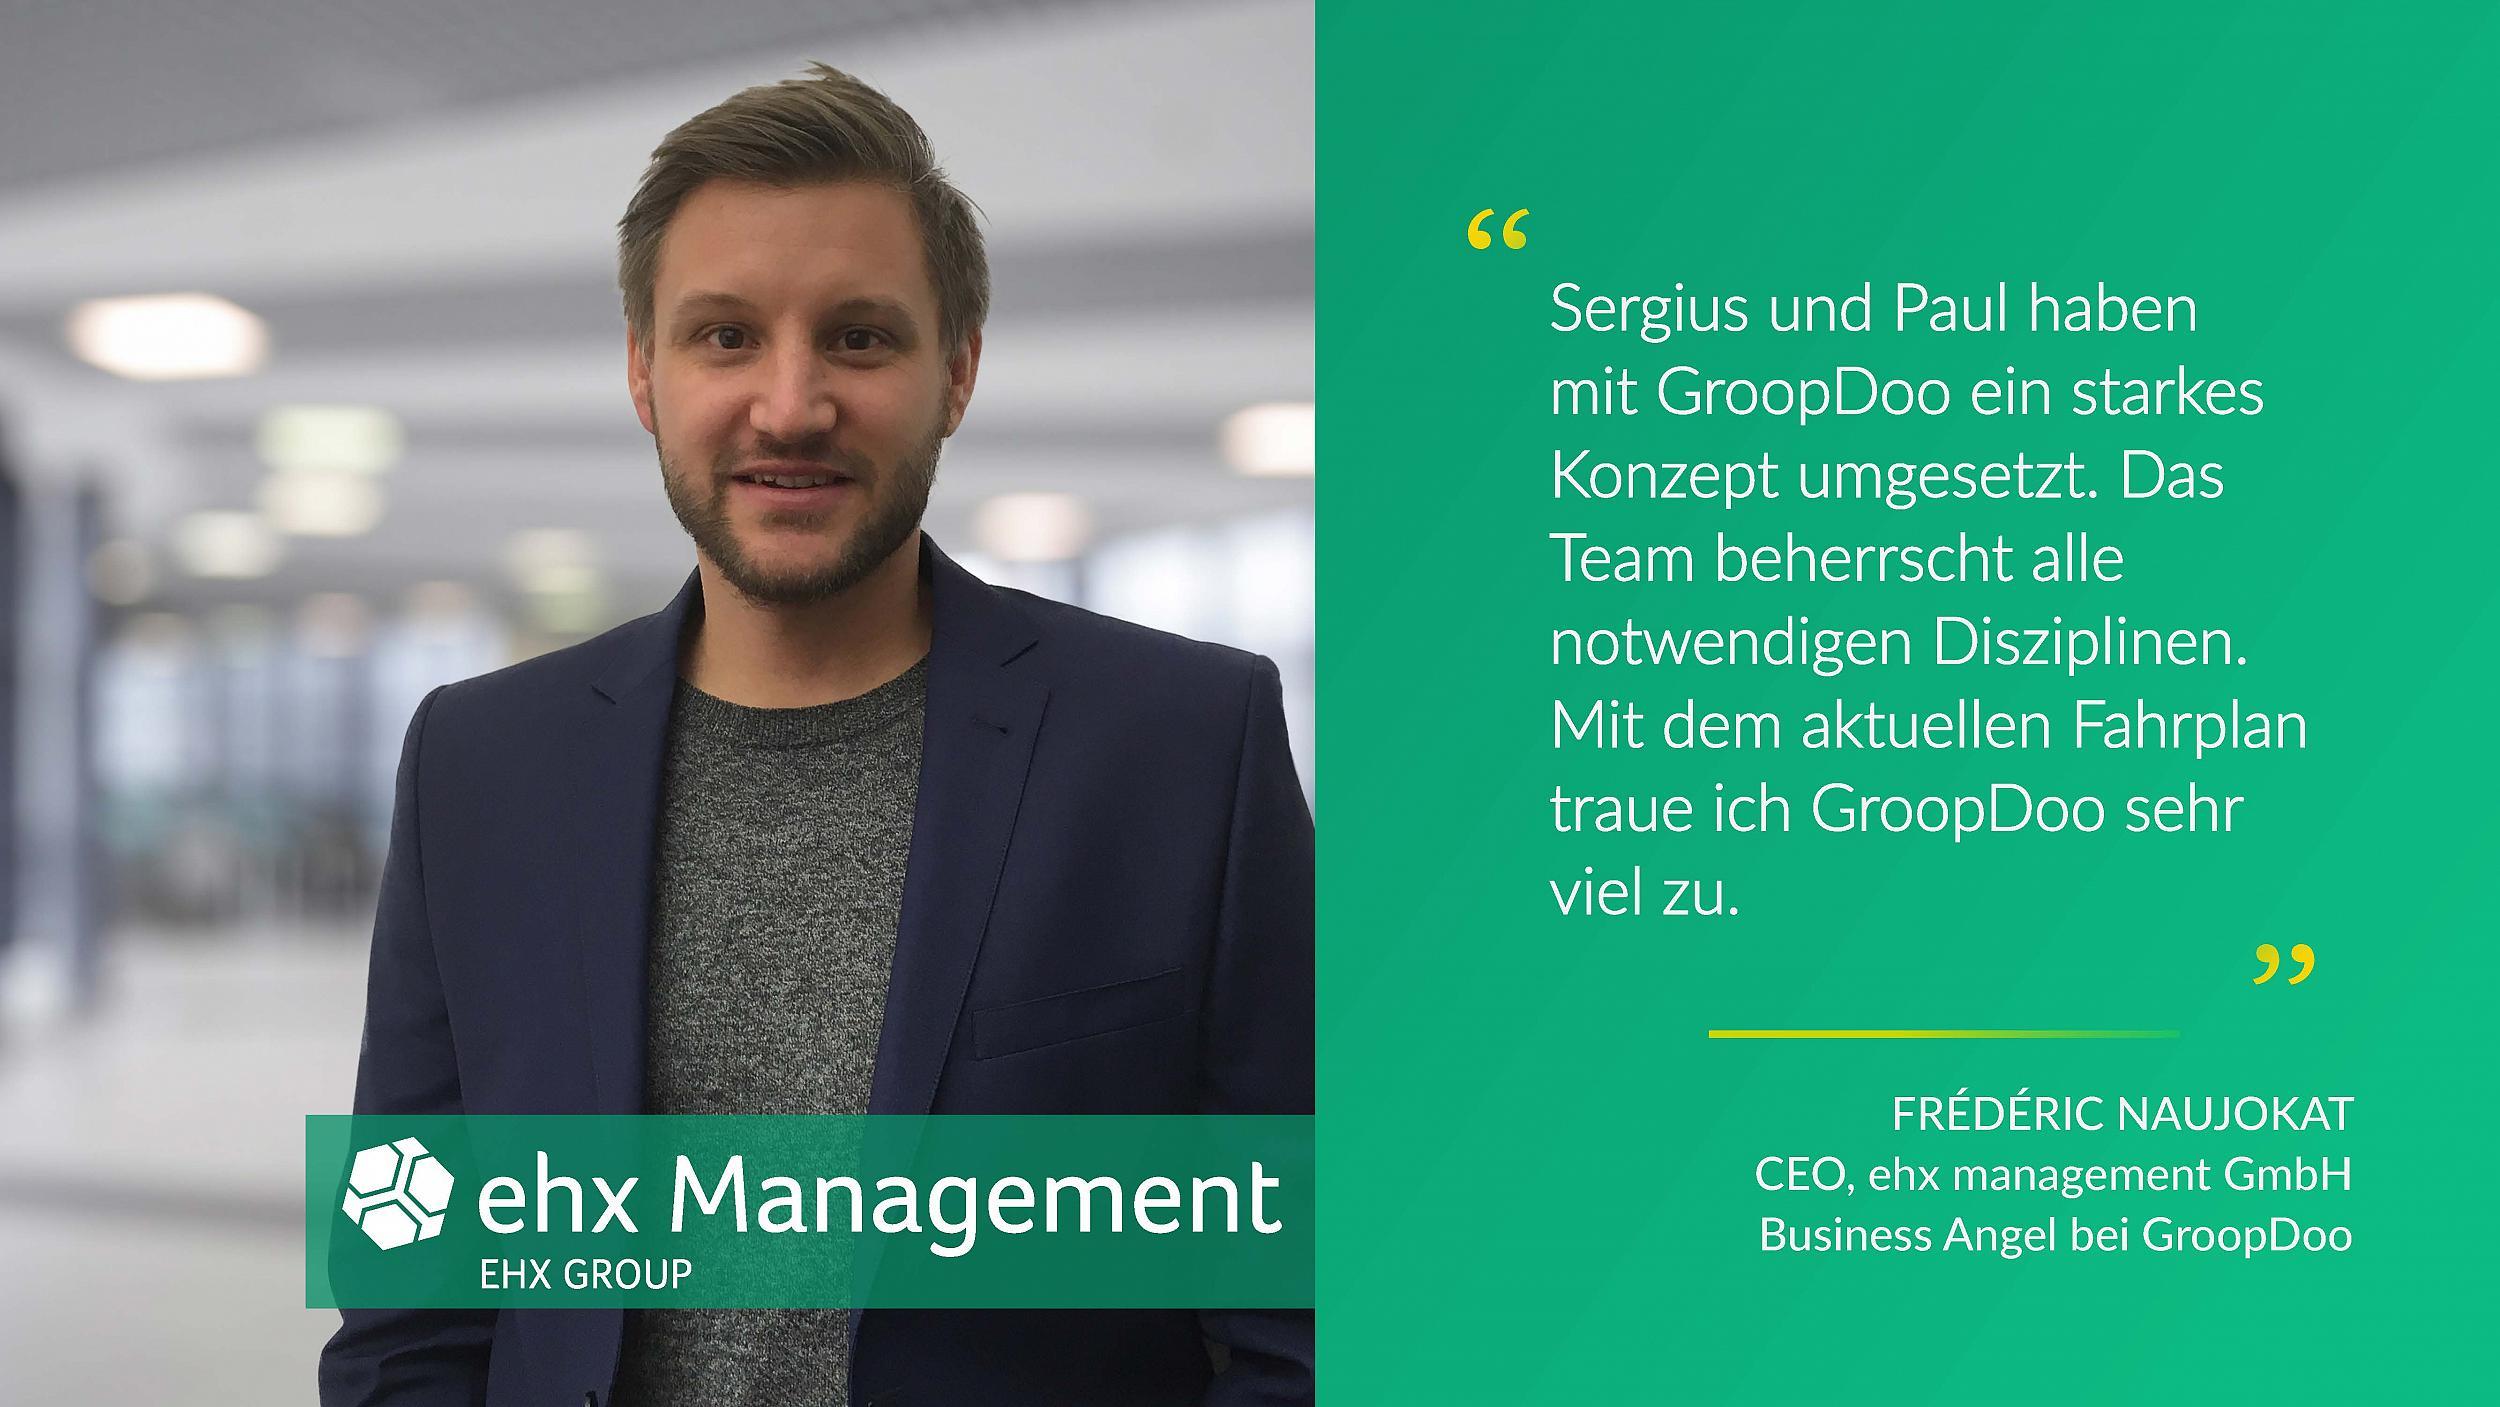 Frédéric Naujokat von ehx management GmbH